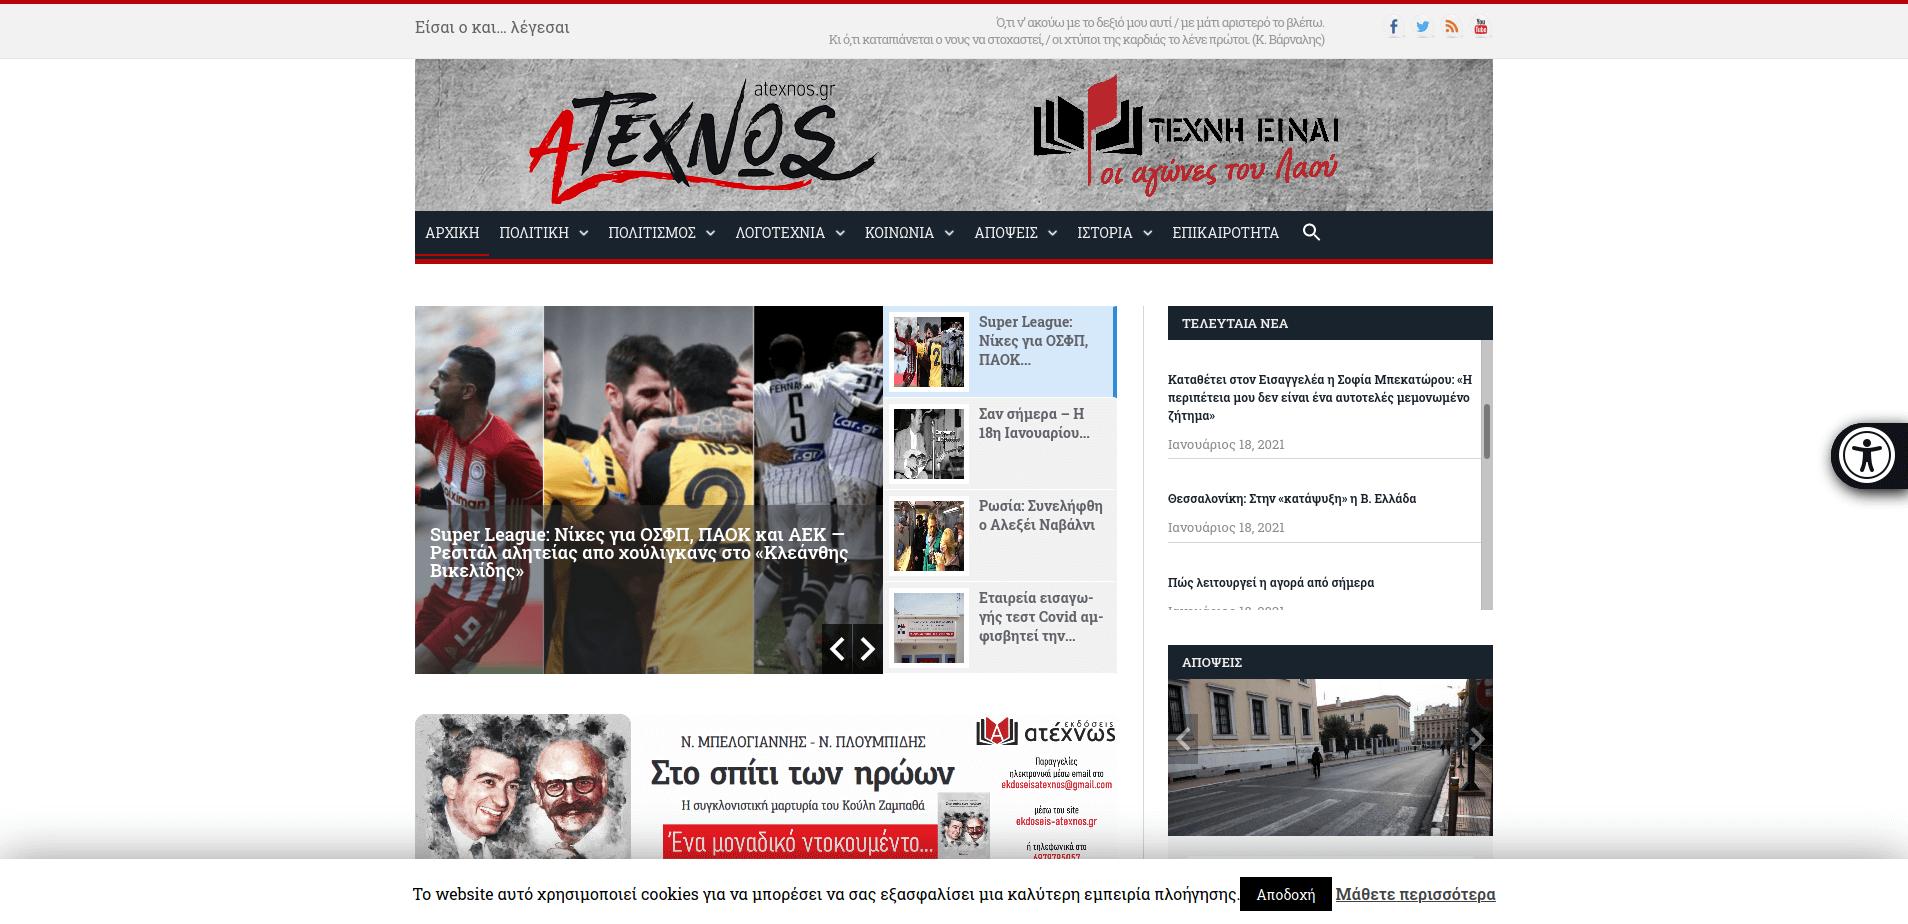 Μπάρα Προσβασιμότητας ΑμεΑ Eucleides - Ιστοσελίδες κατάλληλες για ΑμεΑ σύμφωνα με το πρότυπο WCAG 2.0 - Εγκατάσταση σε όλες τις πλατφόρμες ιστοτόπων - atexnos.gr